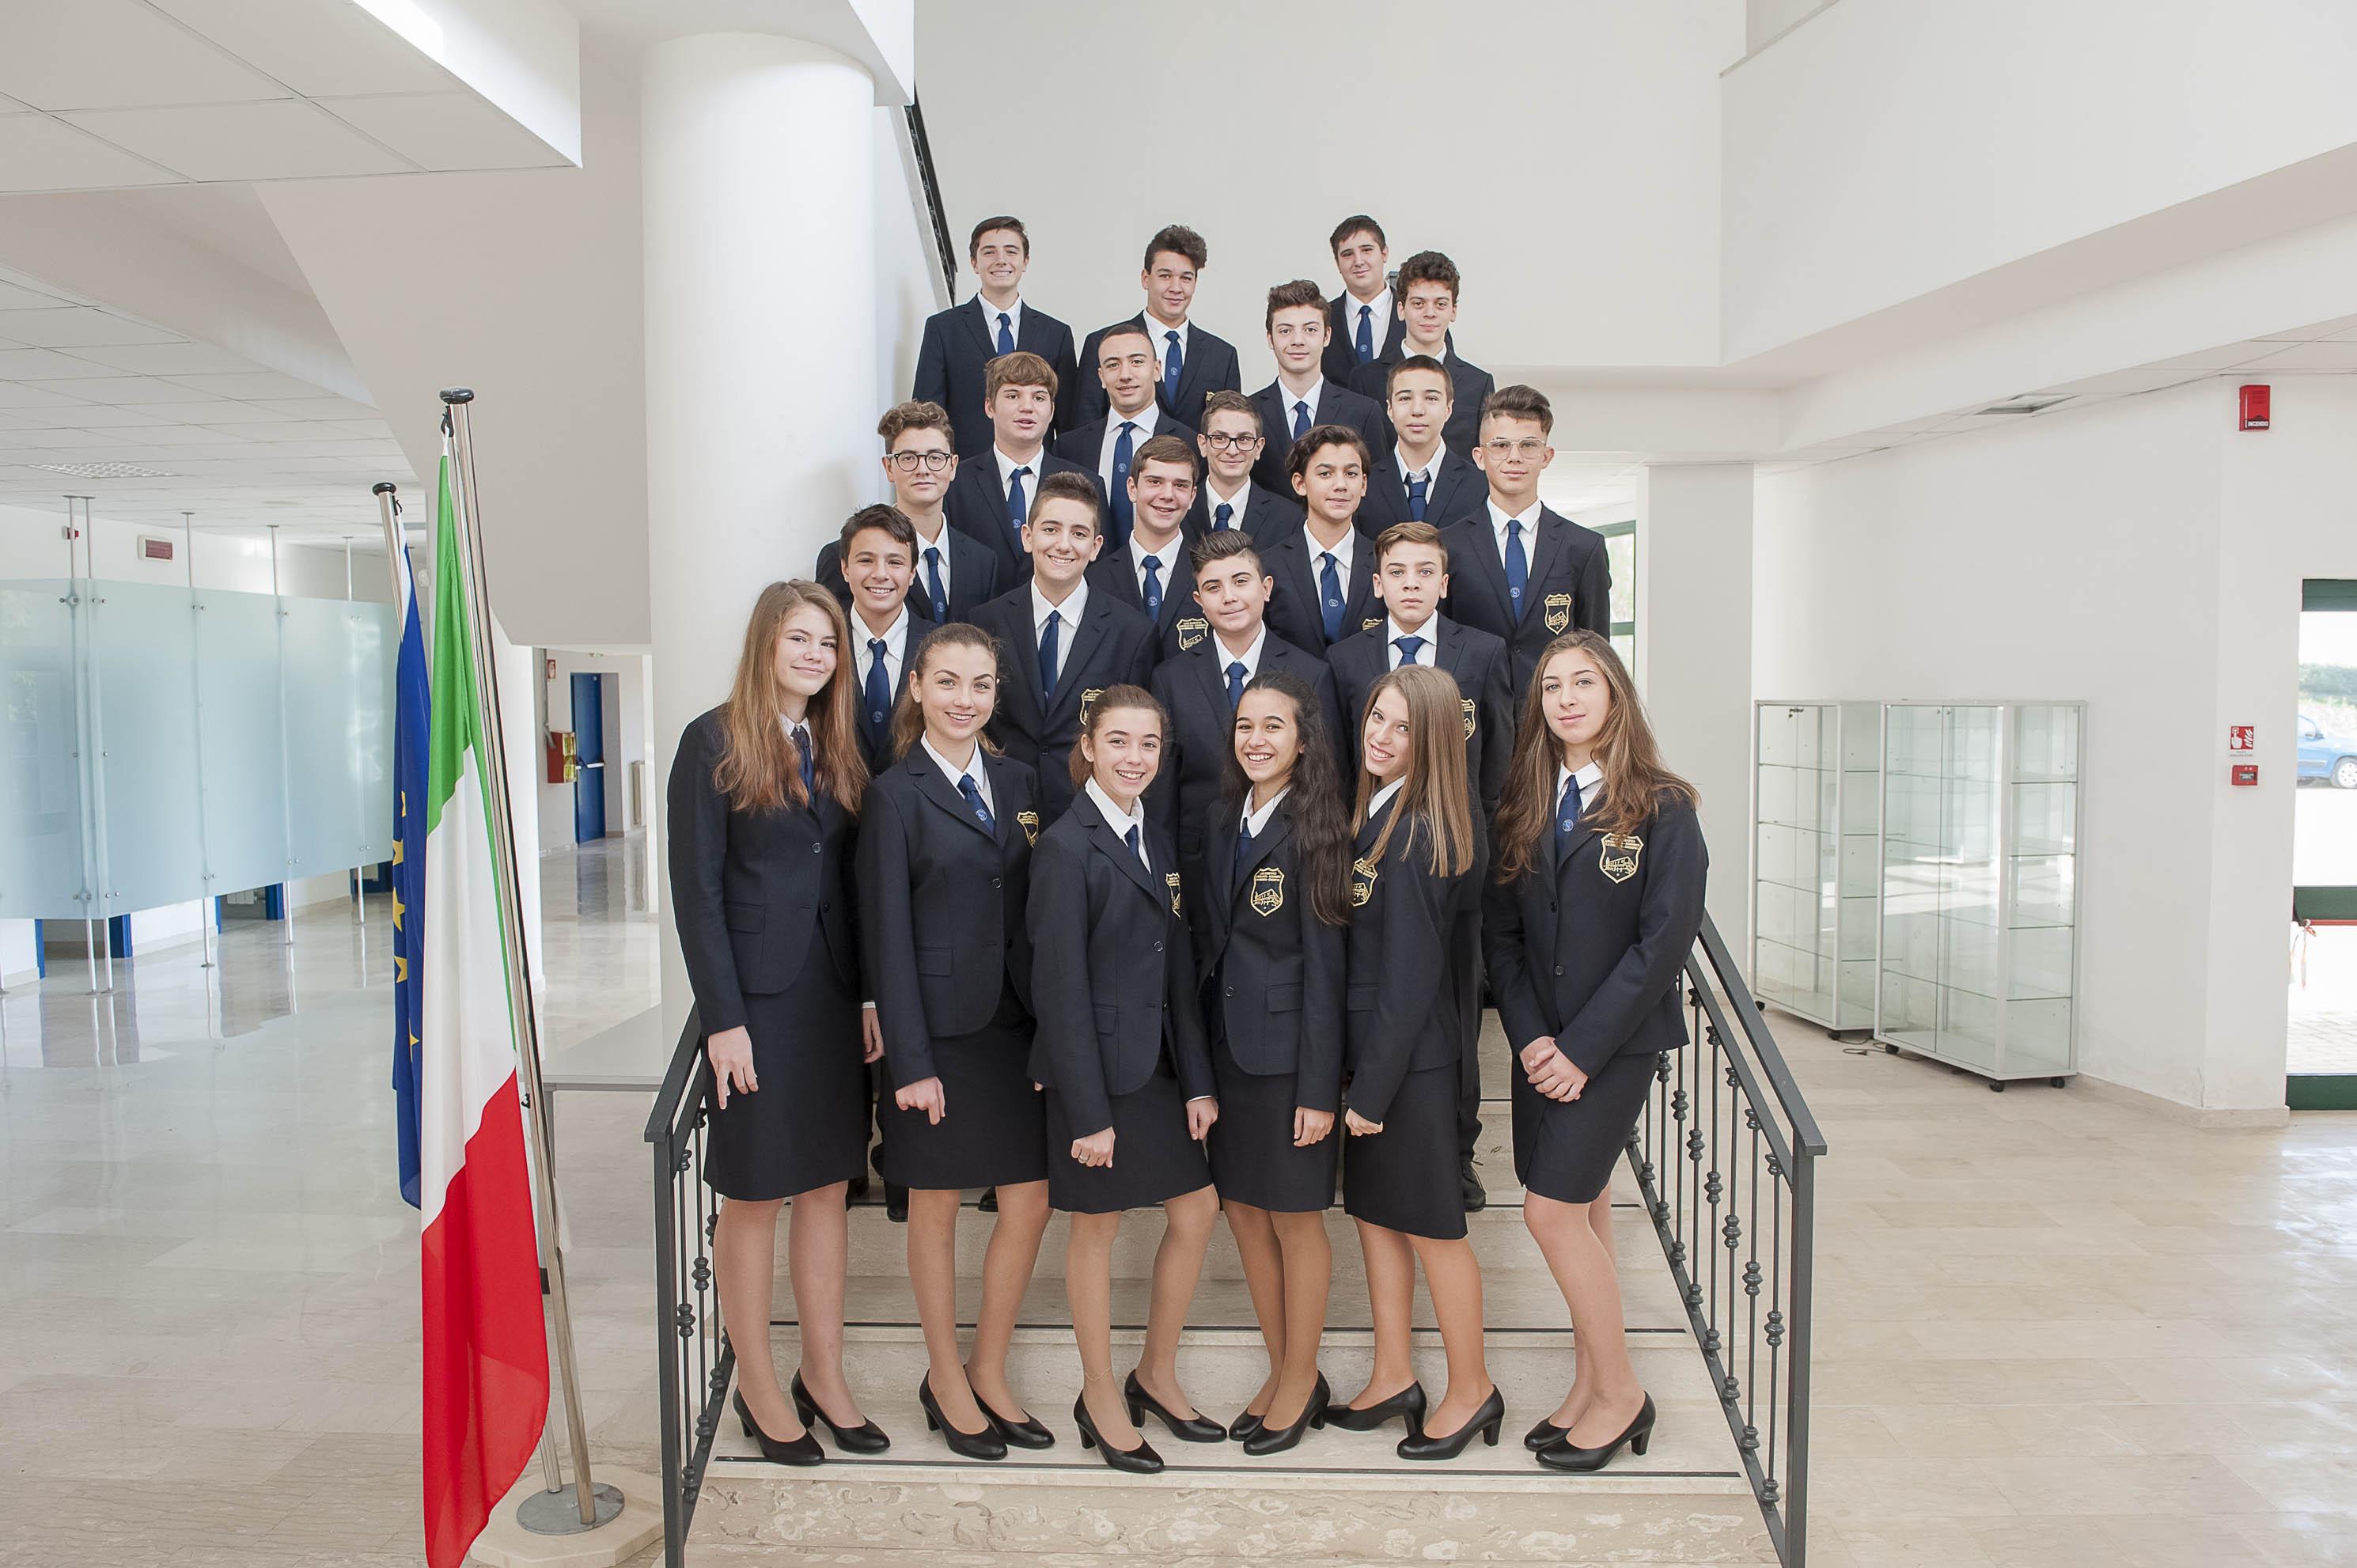 Un concerto per la pace al liceo D'Annunzio di Corropoli